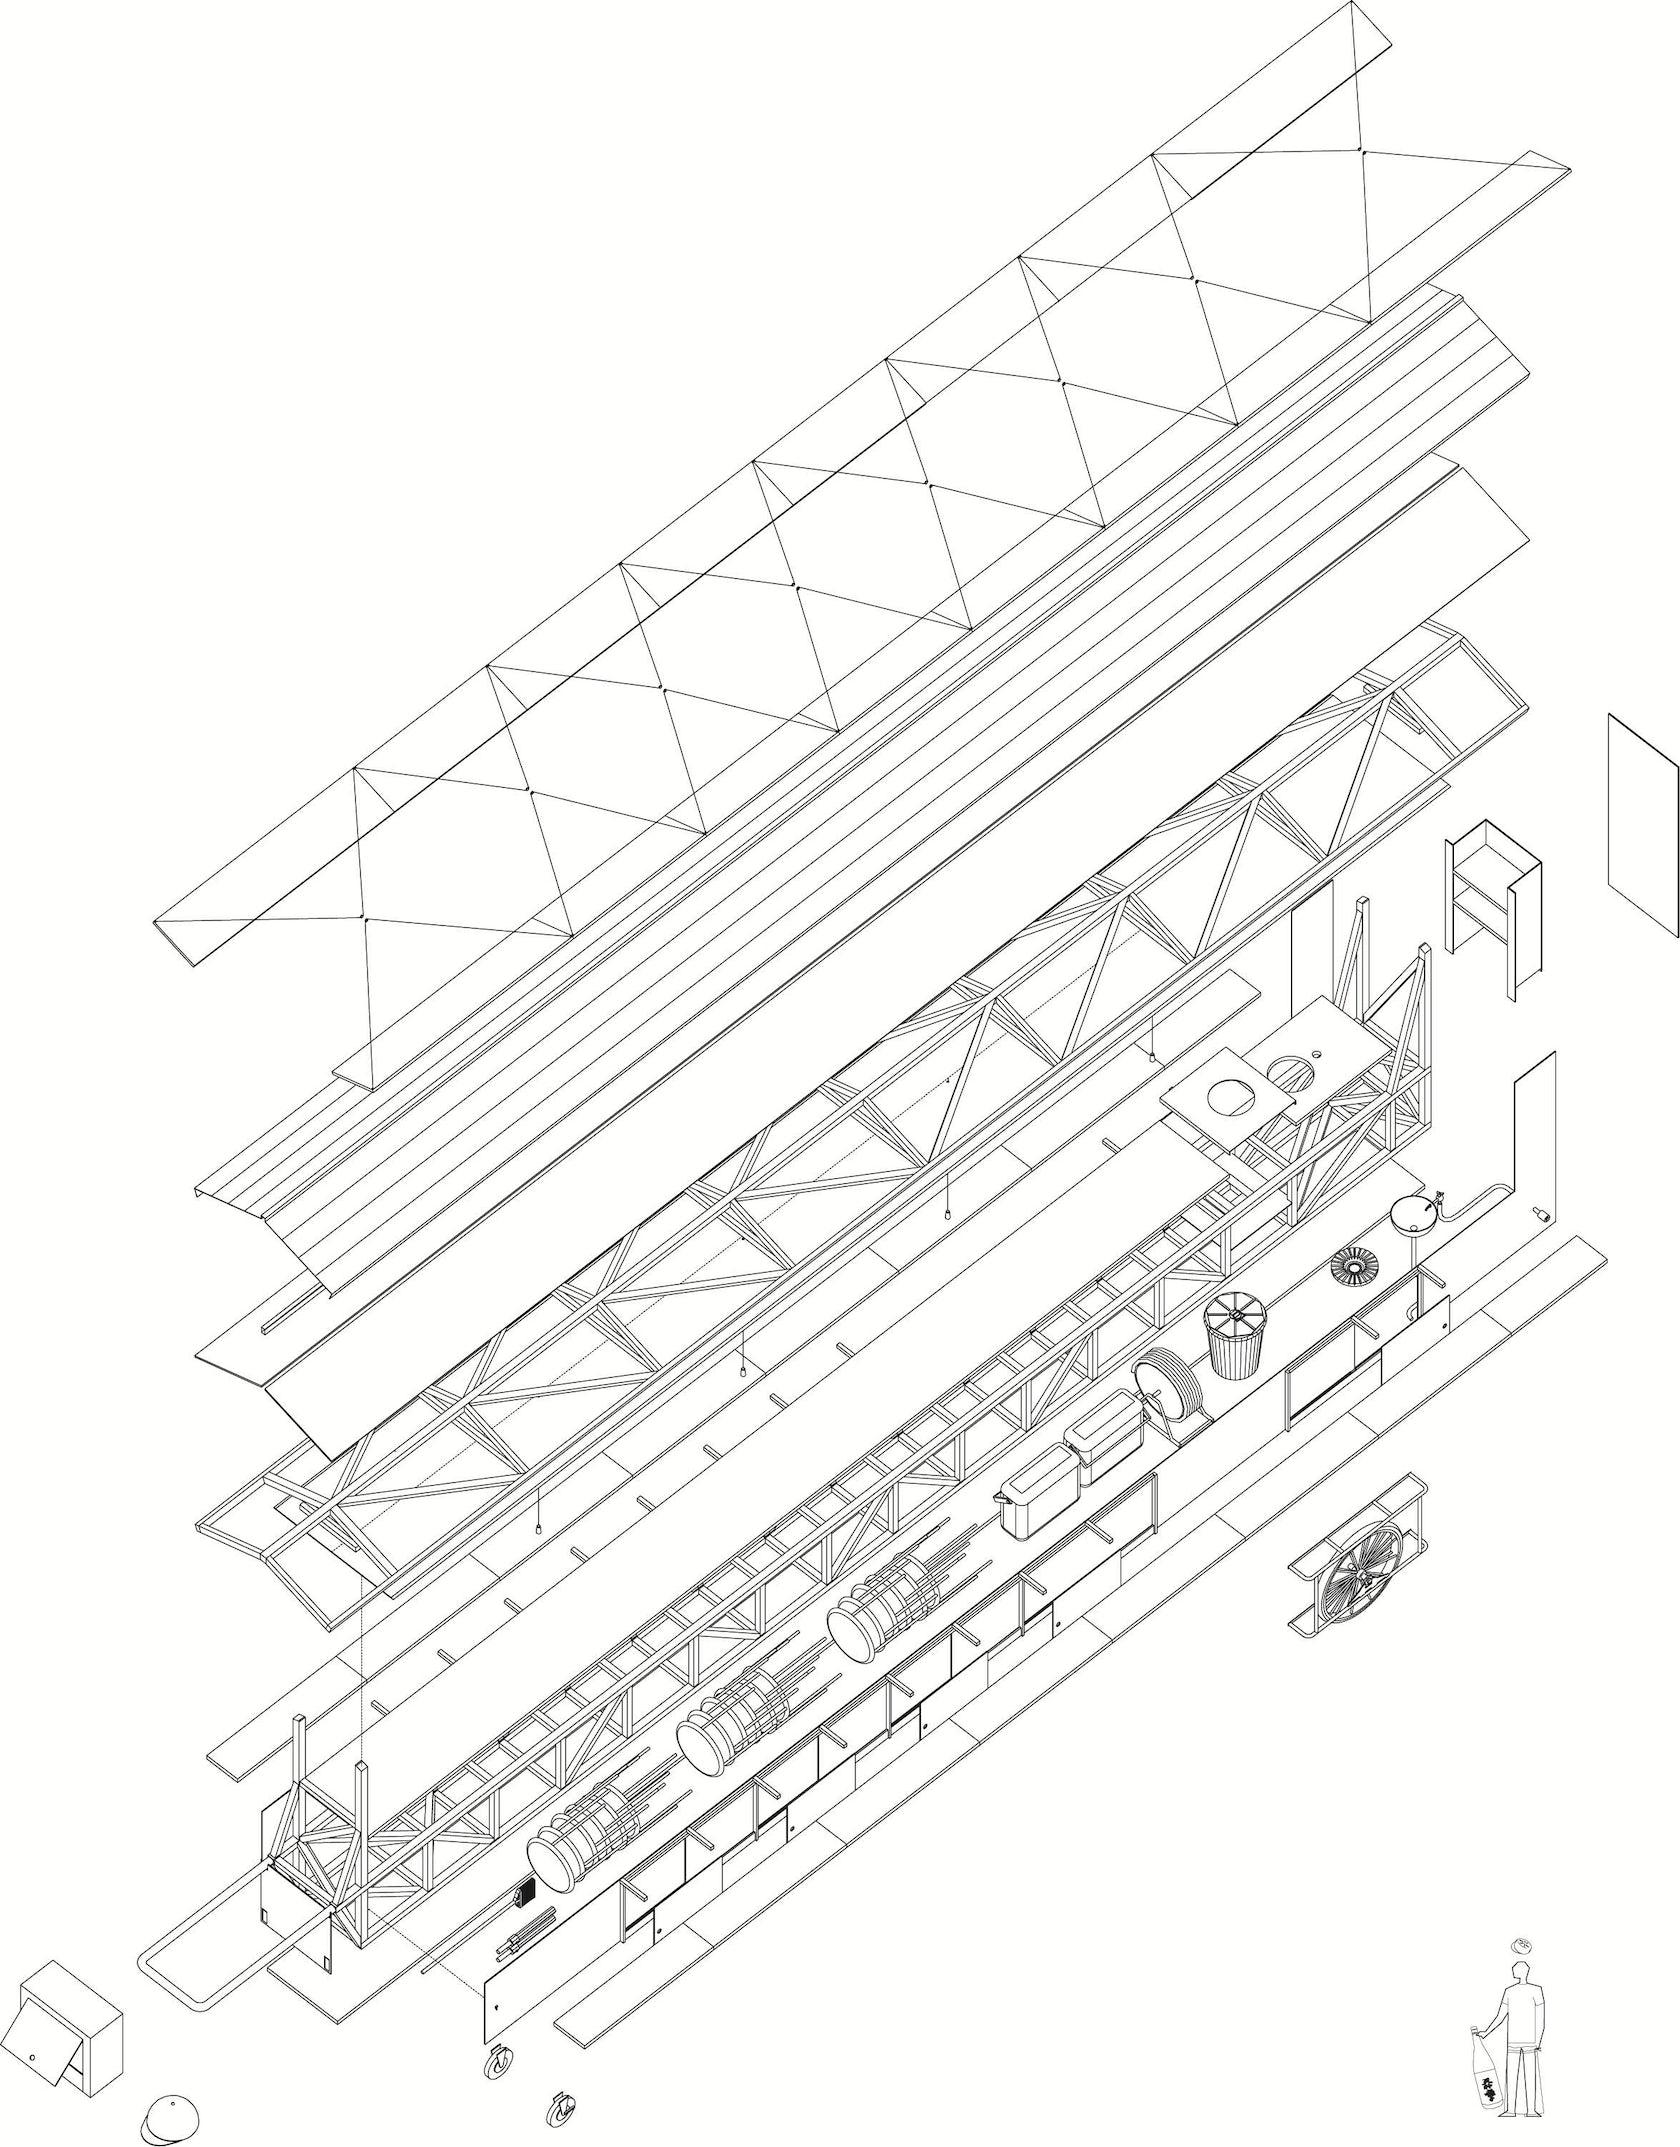 BMW Mountain View >> White Limousine Yatai - Architizer